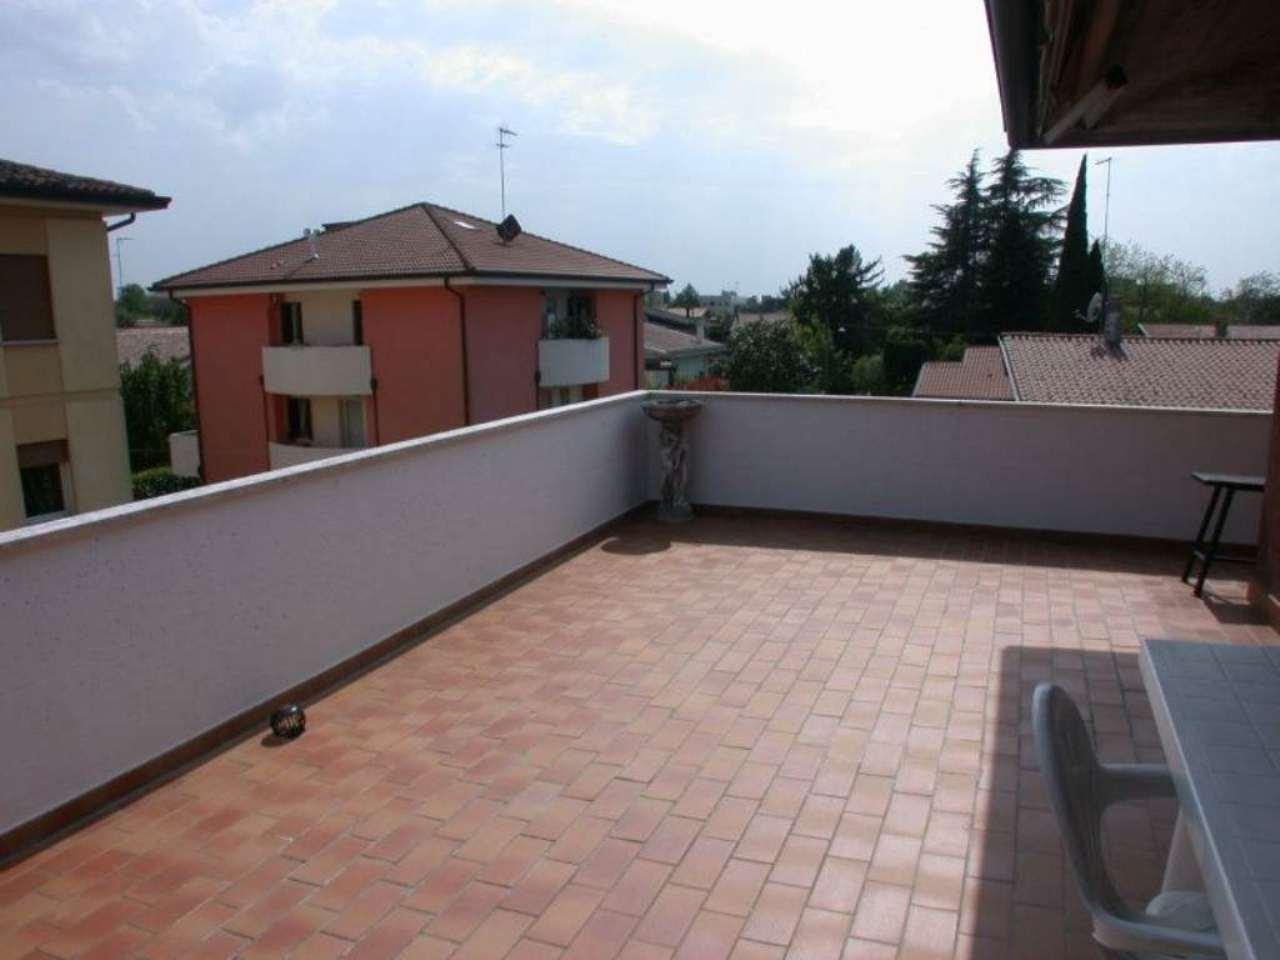 Attico / Mansarda in vendita a Treviso, 5 locali, prezzo € 125.000 | Cambio Casa.it